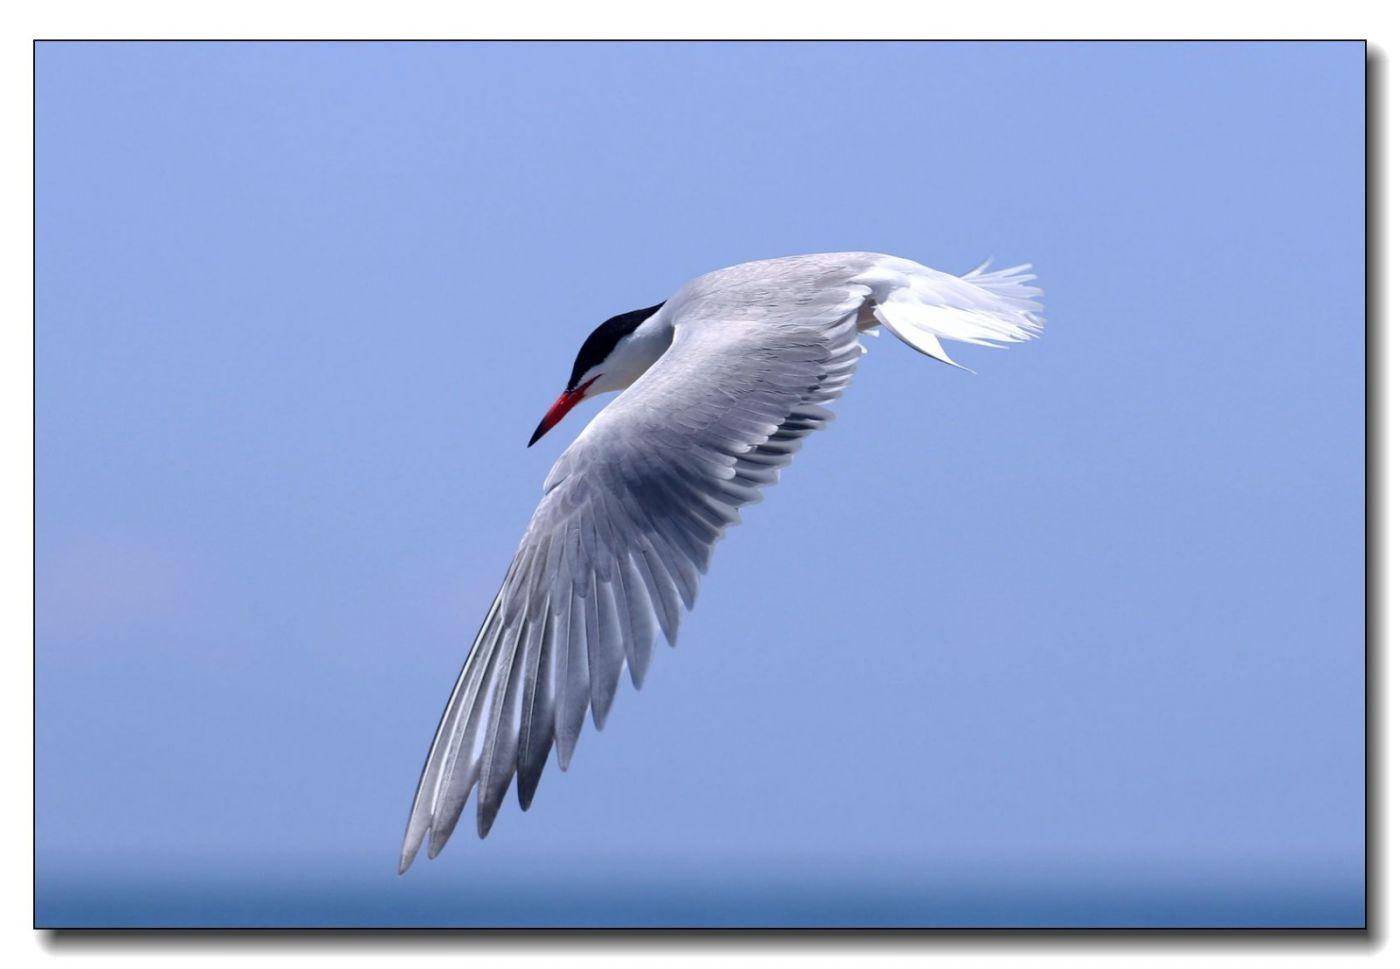 洛克威海滩拍鸟-燕鸥_图1-6